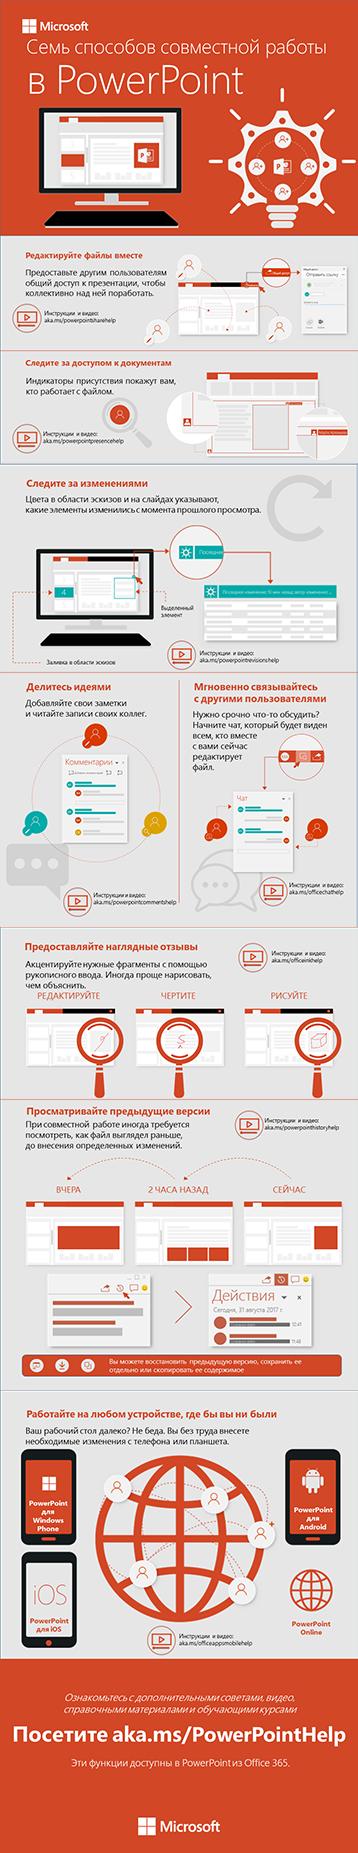 """Инфографика """"Способы совместной работы в PowerPoint"""""""